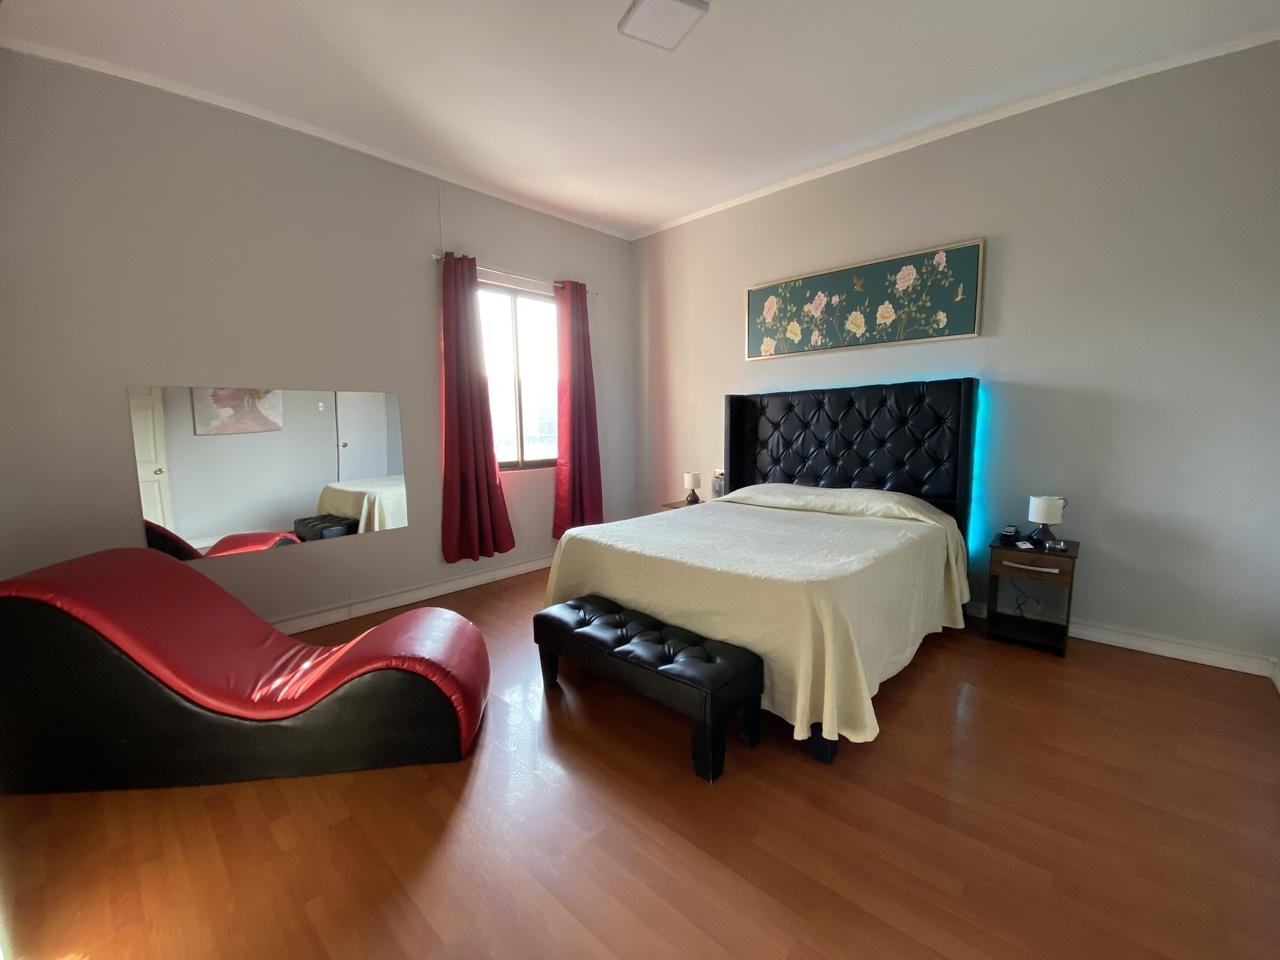 Habitación Tantra en Intimo Hotel Manuel Rodríguez : MotelNow